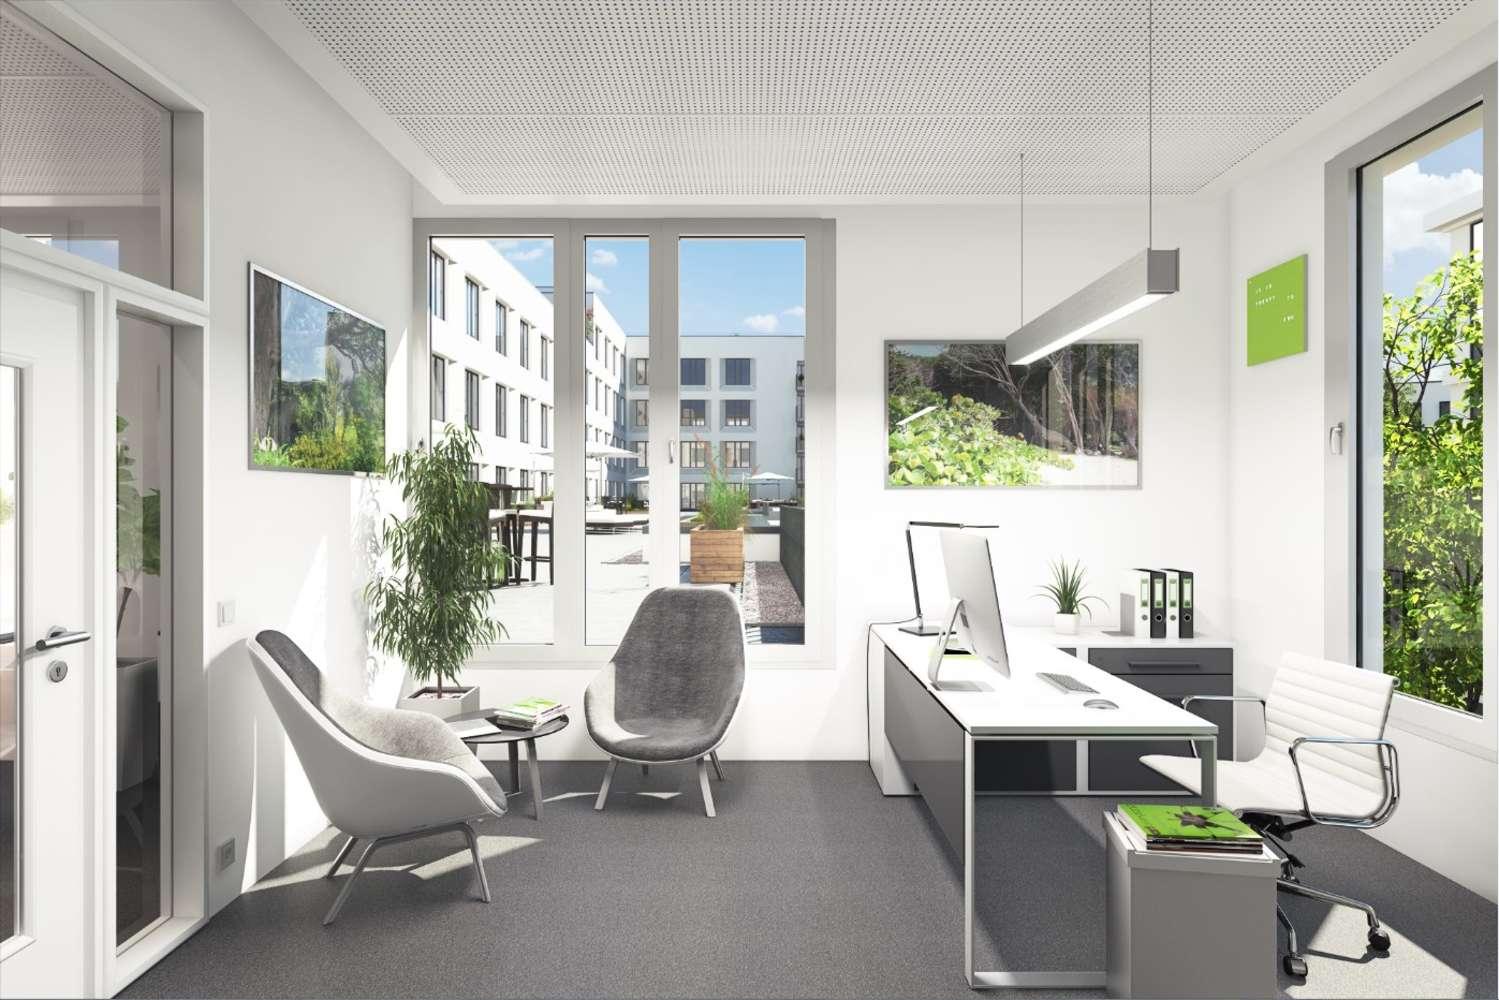 Büros München, 81379 - Büro - München, Thalk.Obersendl.-Forsten-Fürstenr.-Solln - M1205 - 10869843